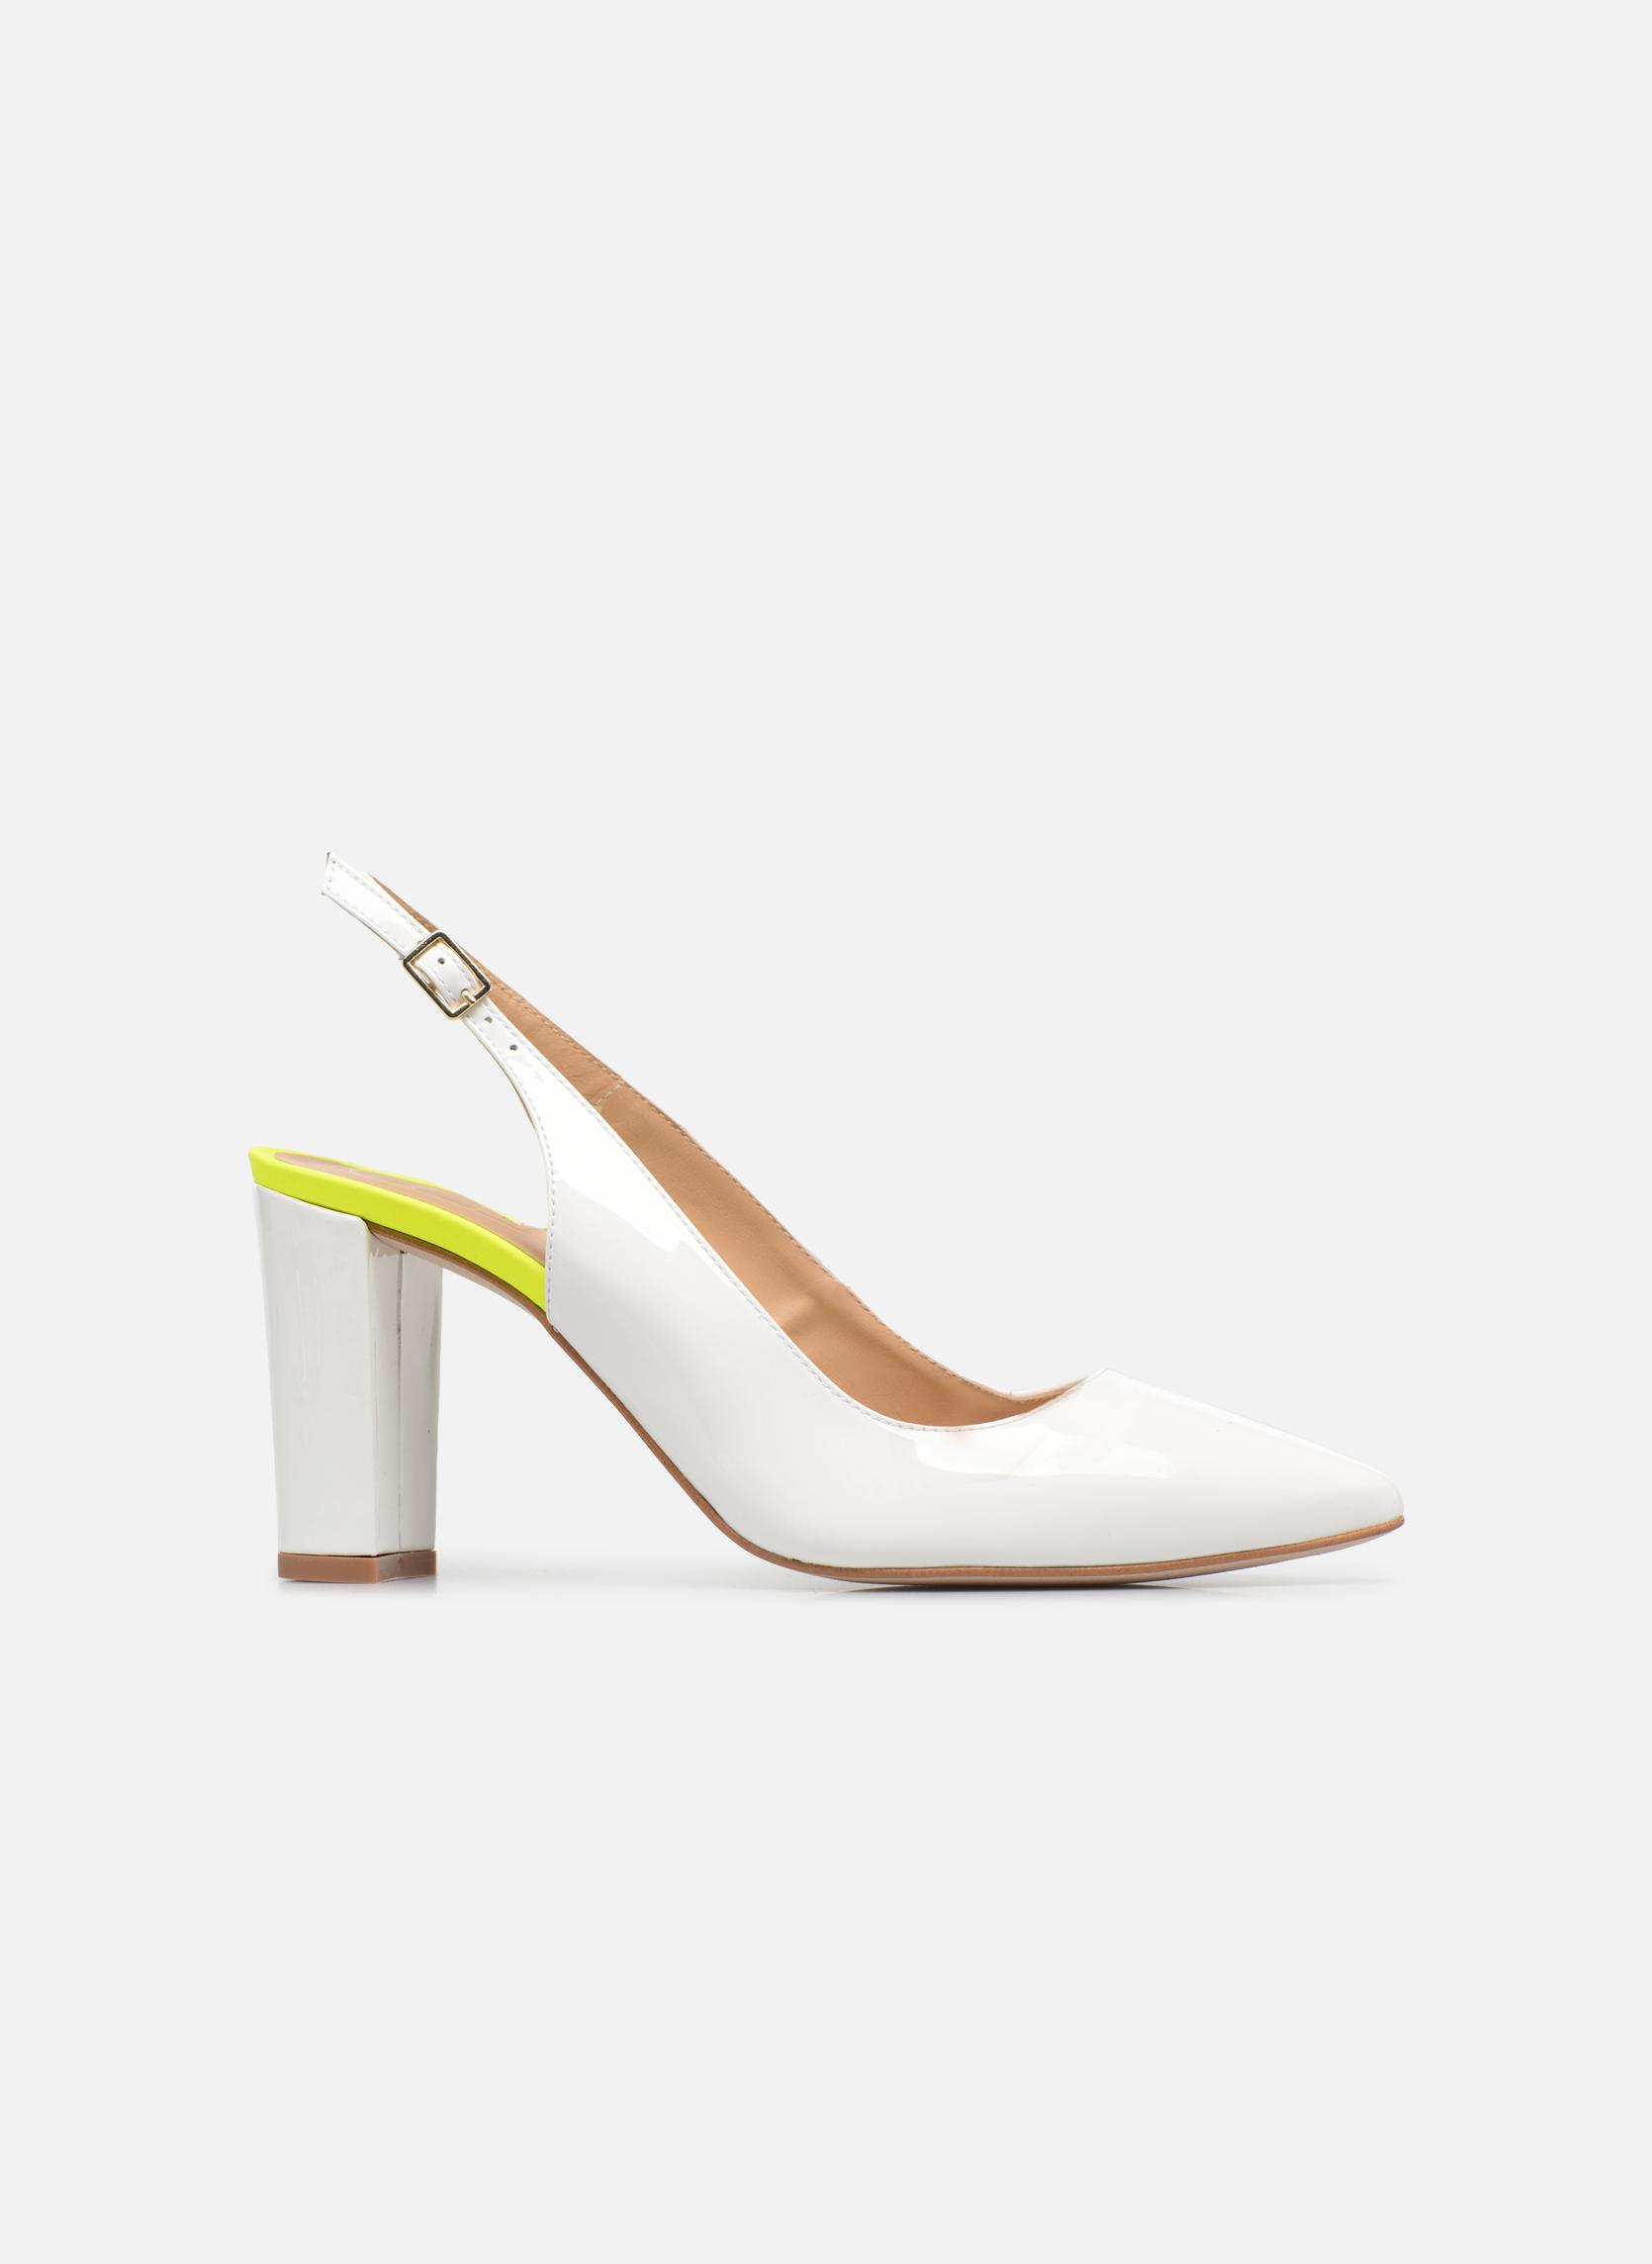 Marques Chaussure femme Made by SARENZA femme 90's Girls Gang Escarpins #4 Vernis noir